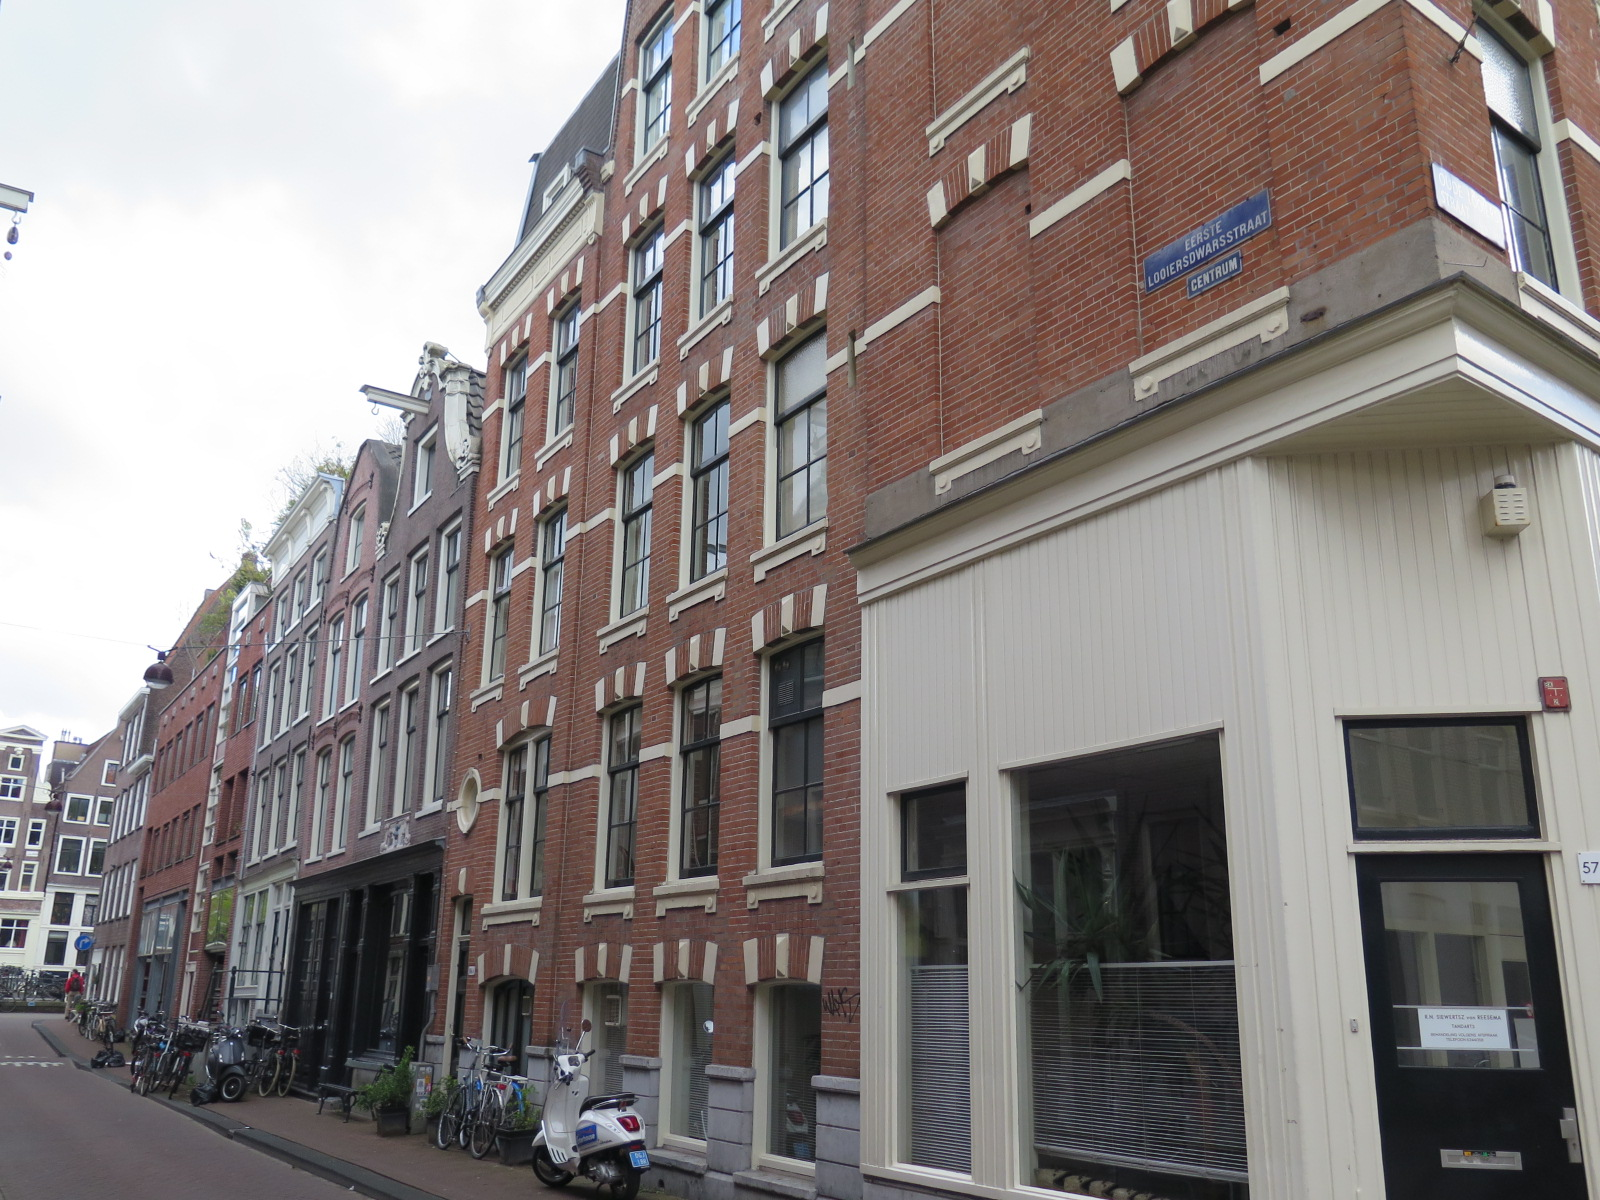 Eerste Looiersdwarsstraat